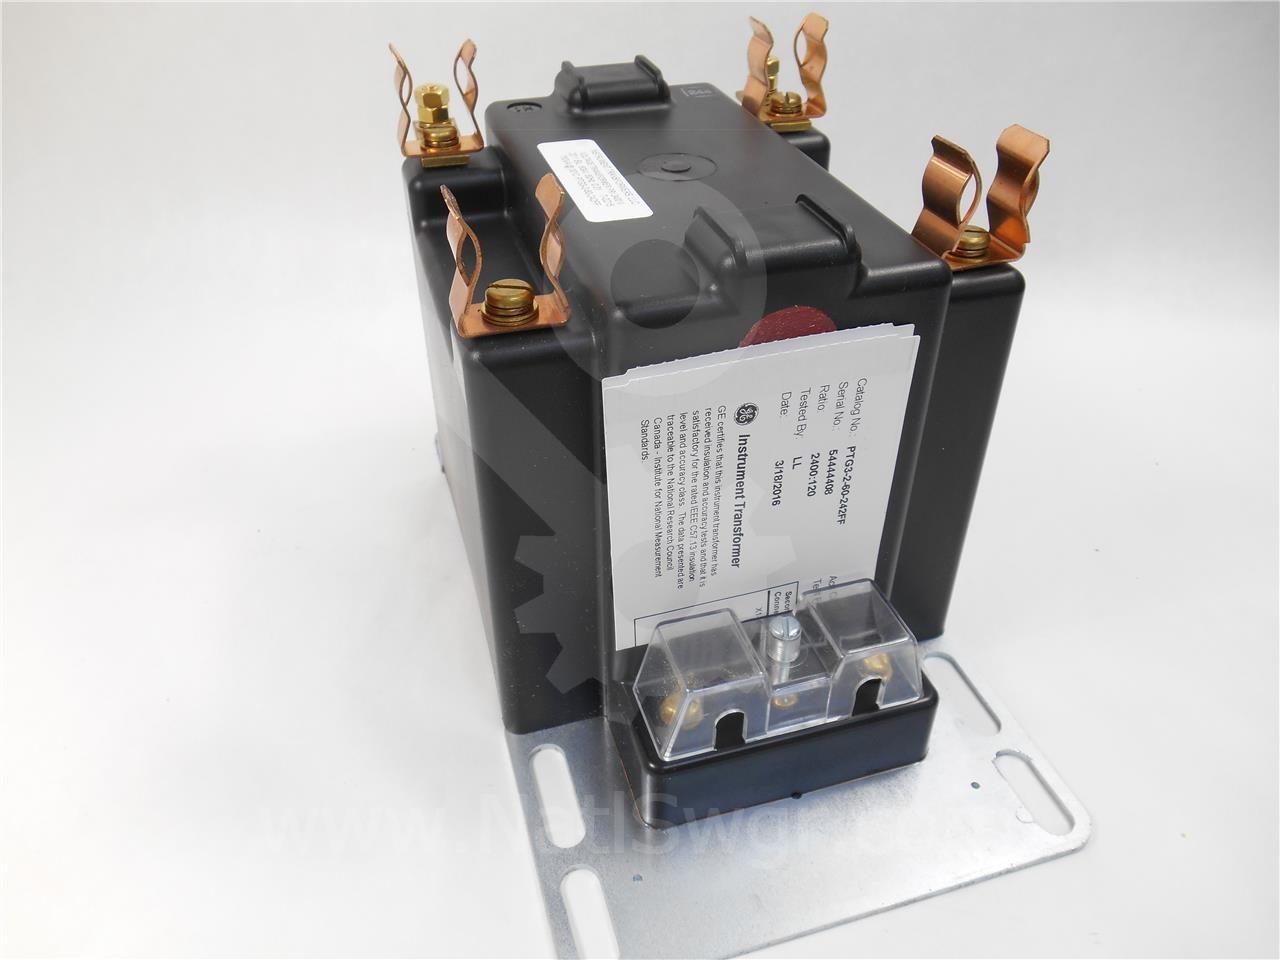 Instrument Transformer ITI 20:1 PTG3 POTENTIAL TRANSFORMER ...